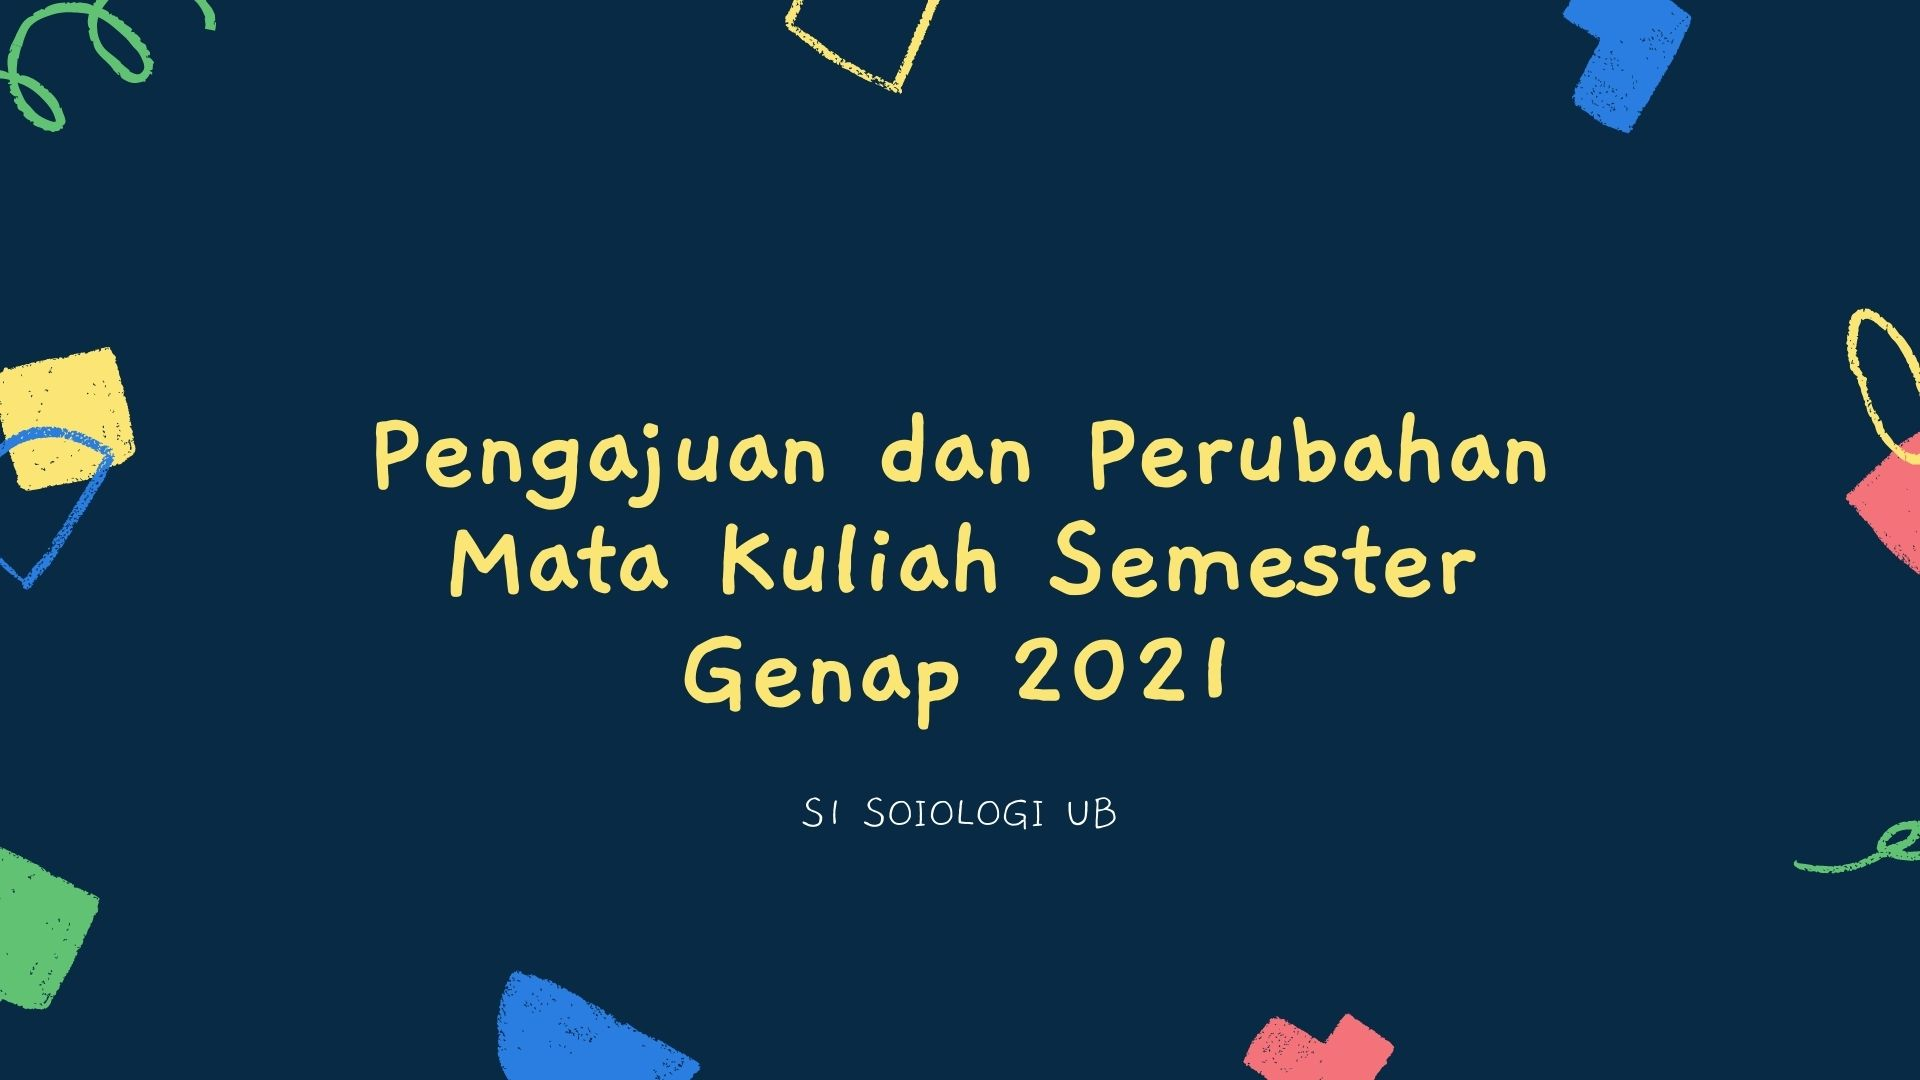 [Pengumuman] Pengajuan Dan Perubahan Mata Kuliah Semester Genap 2021